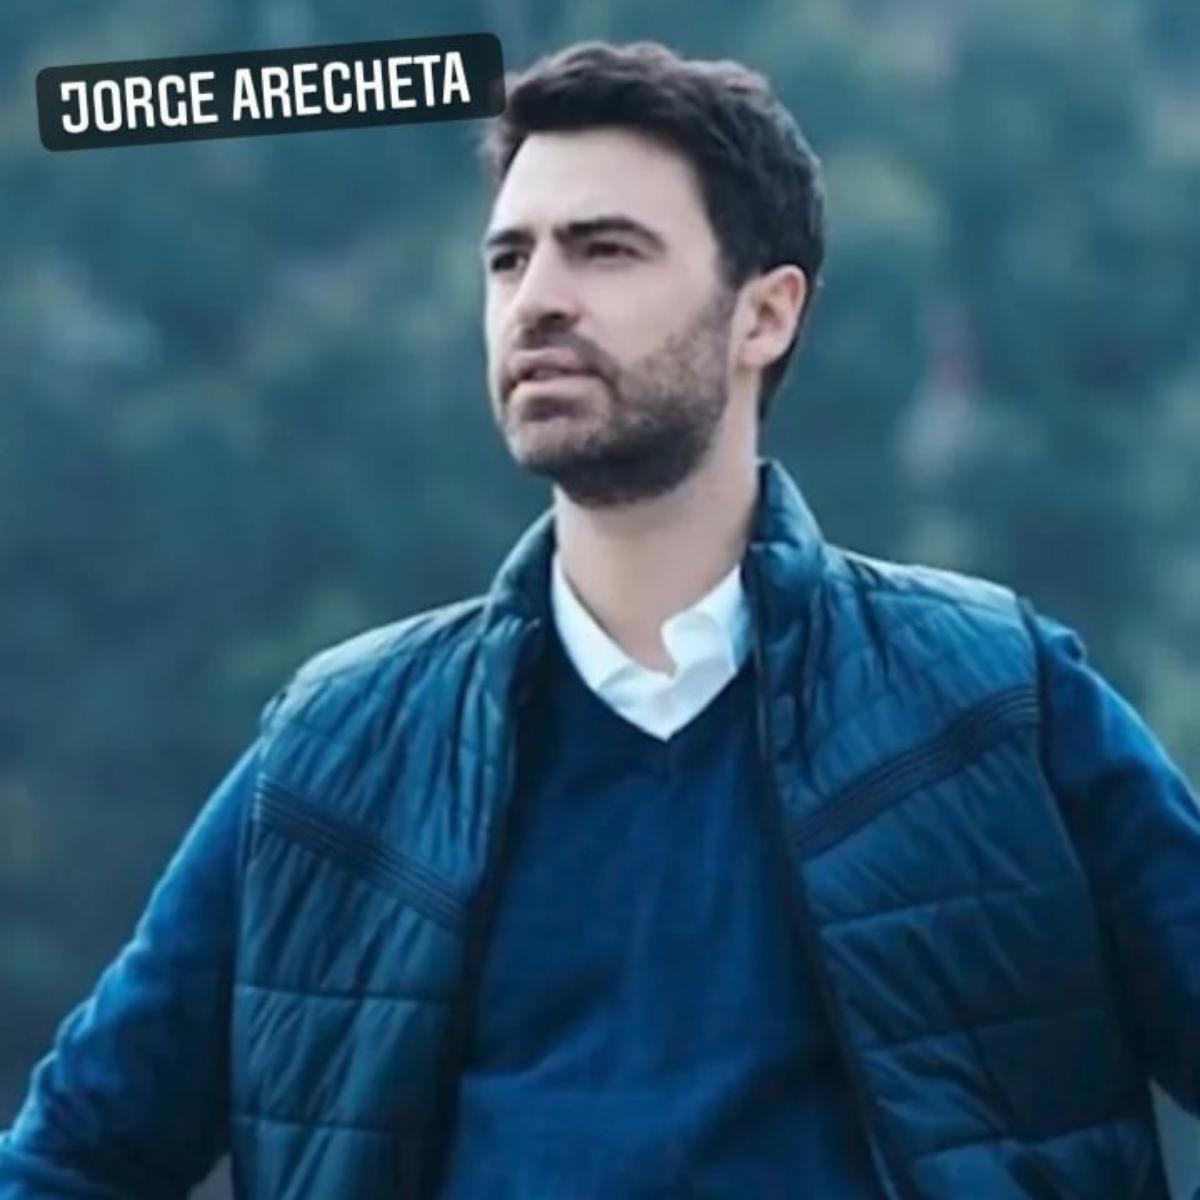 Jorge Arecheta Amar Profundo